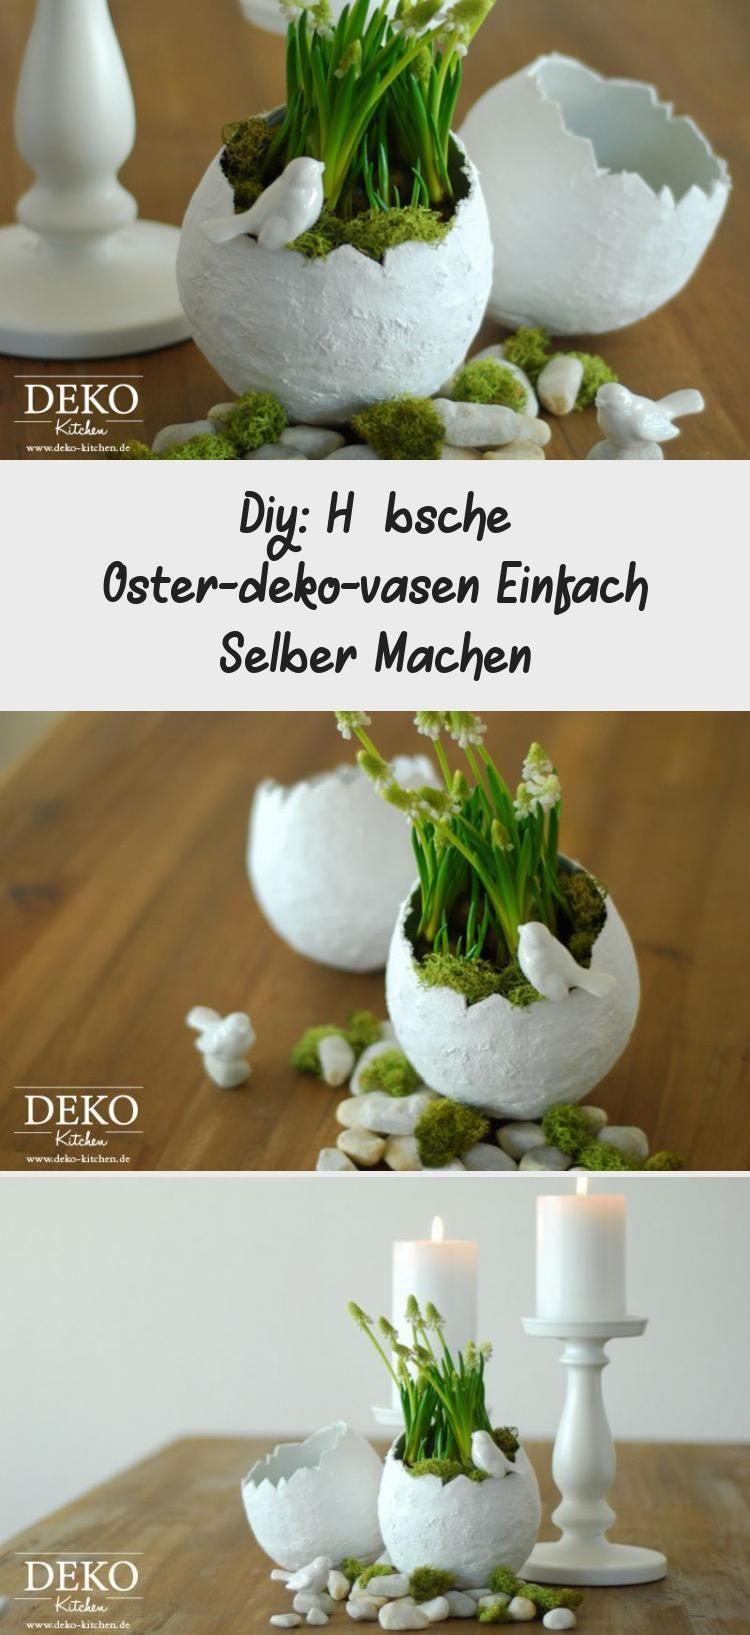 Diy Hubsche Oster Deko Vasen Einfach Selber Machen Table